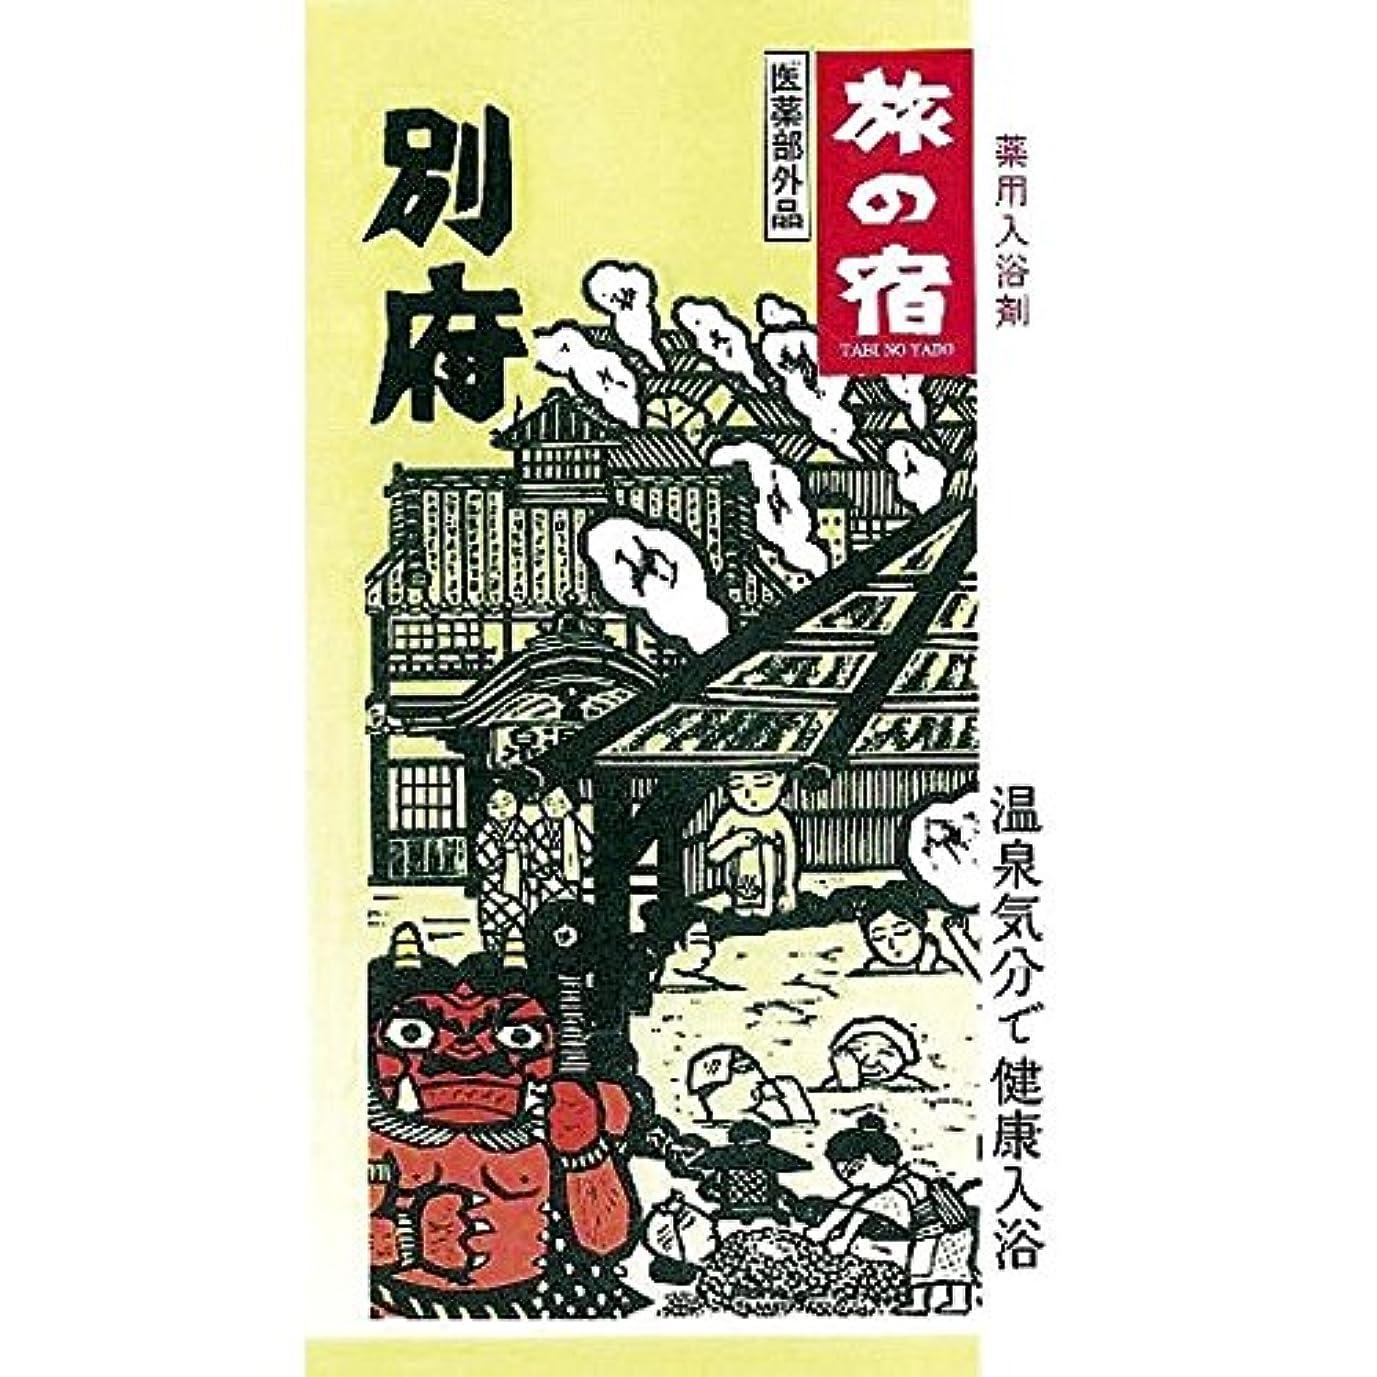 放射性ノート小説クラシエ 旅の宿 分包(1P) 別府 80688 (B525-08)